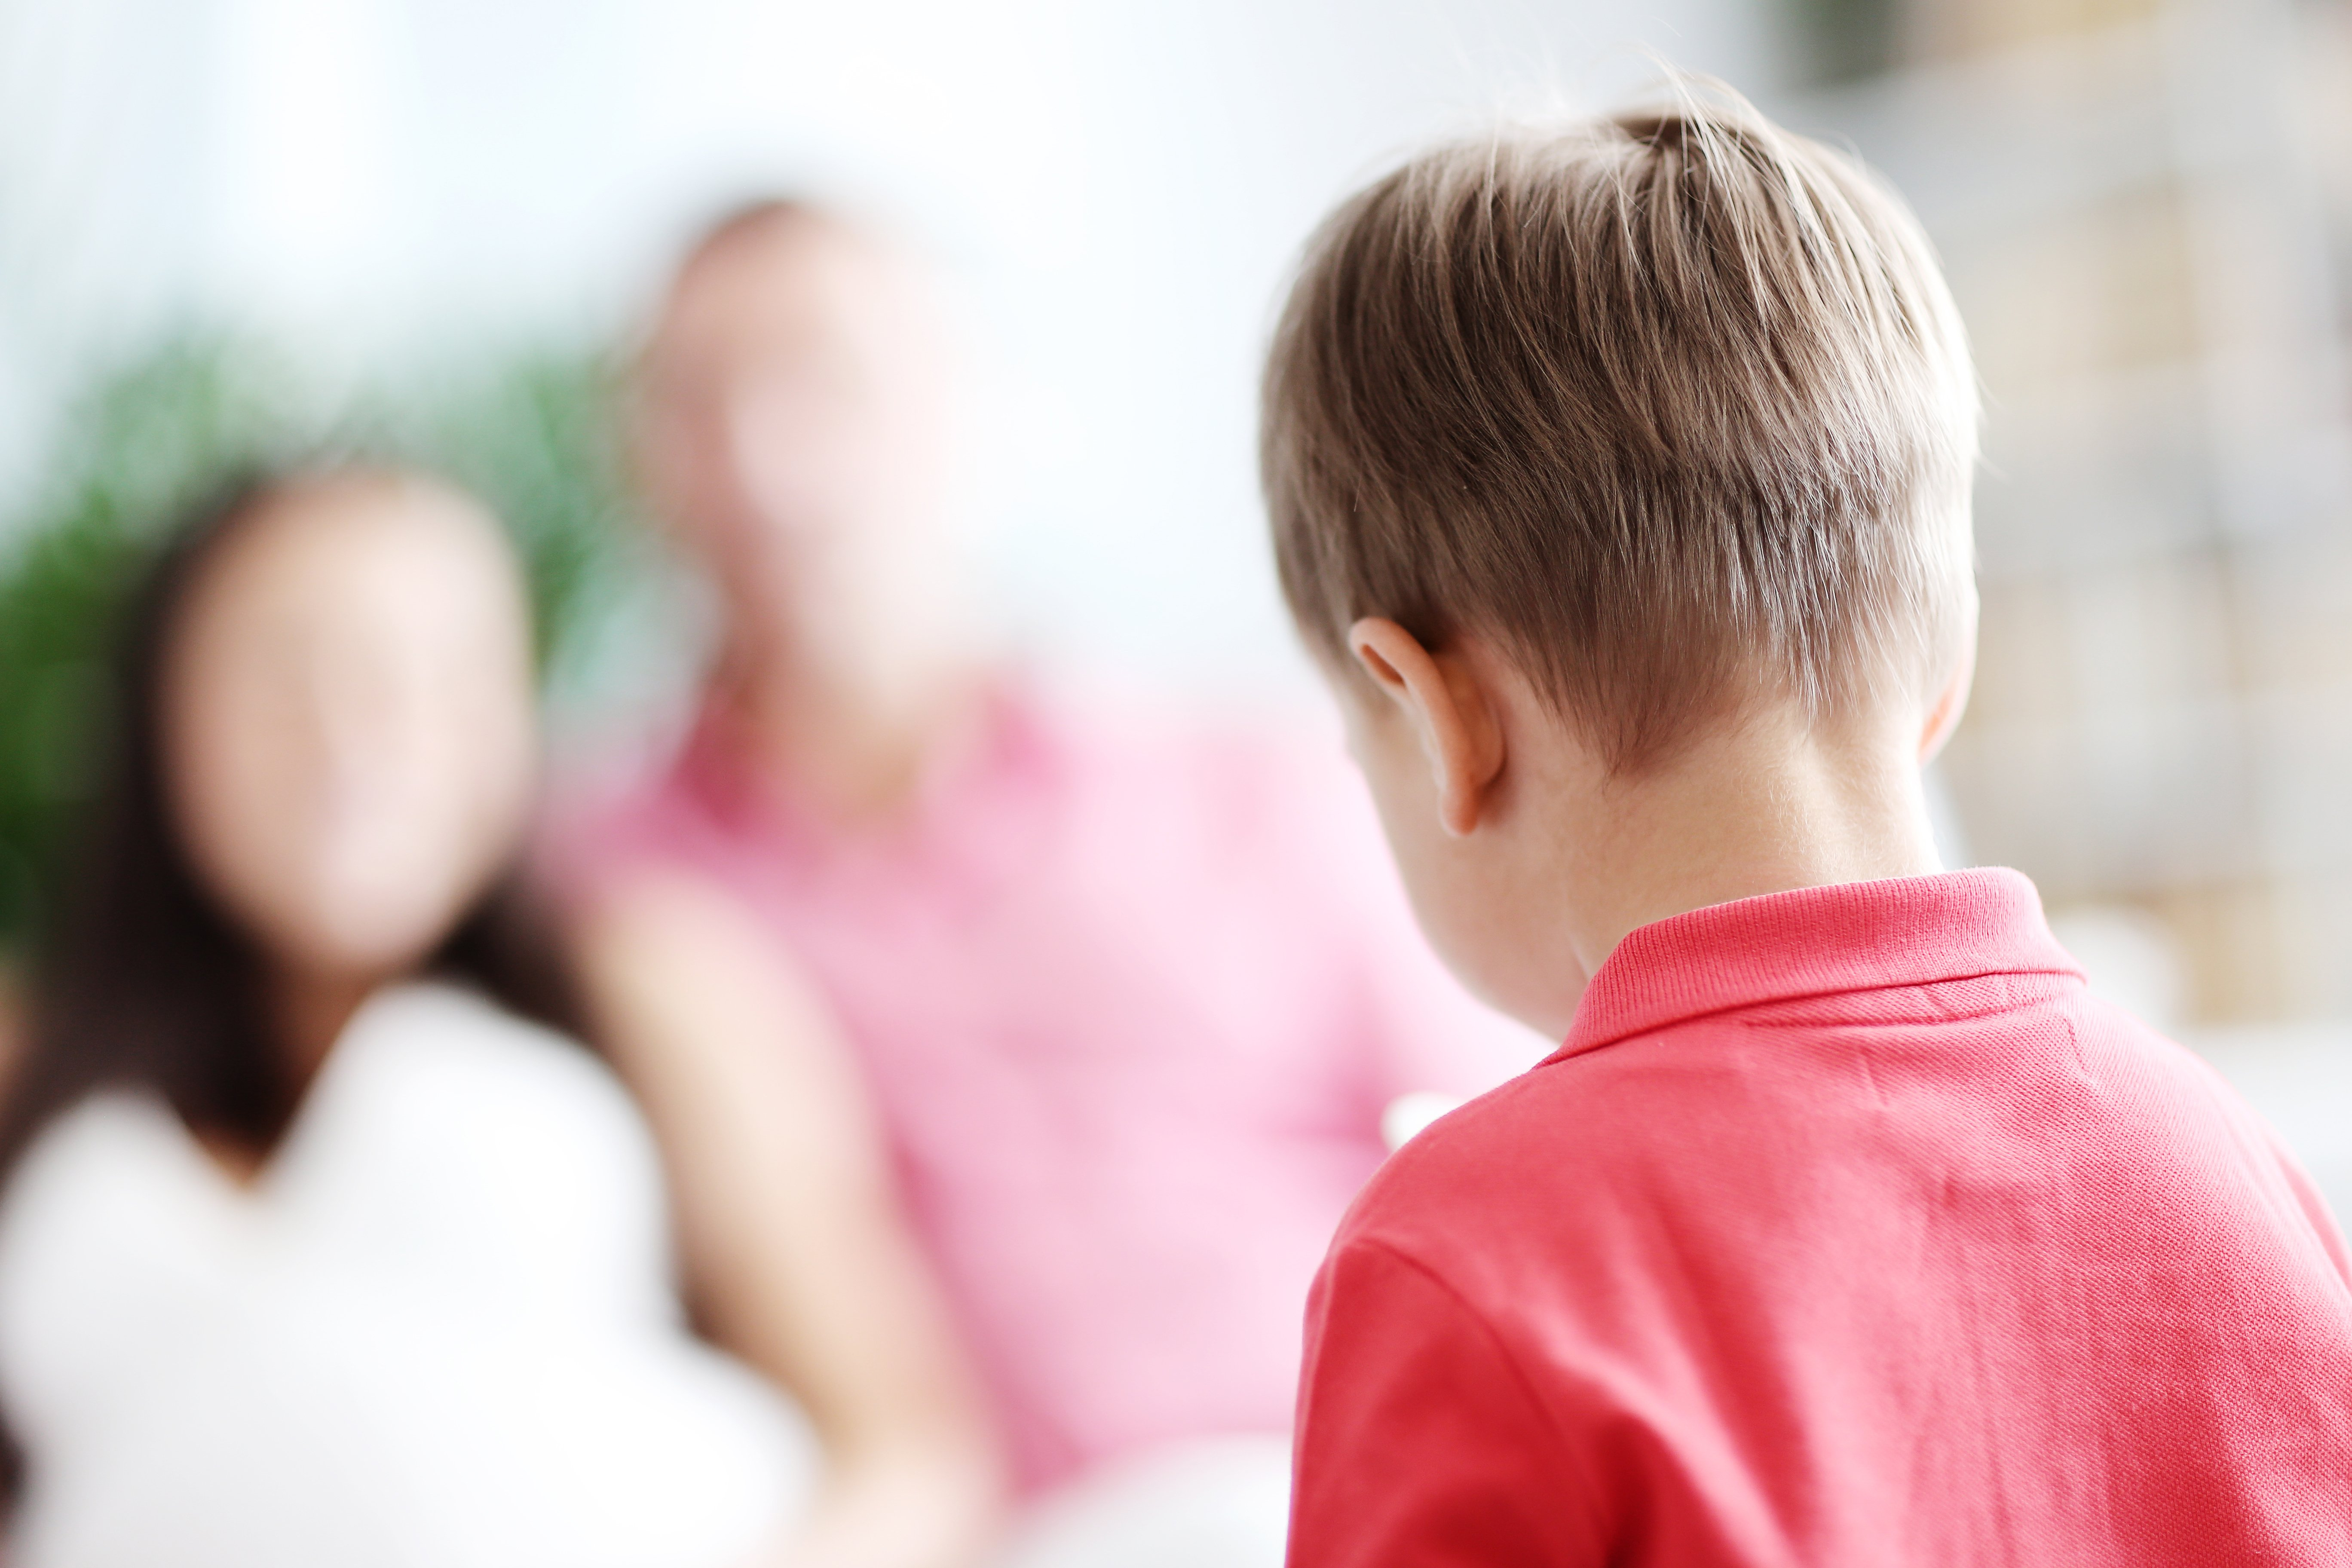 Un garçon sur le dos. Fontaine : Shutterstock